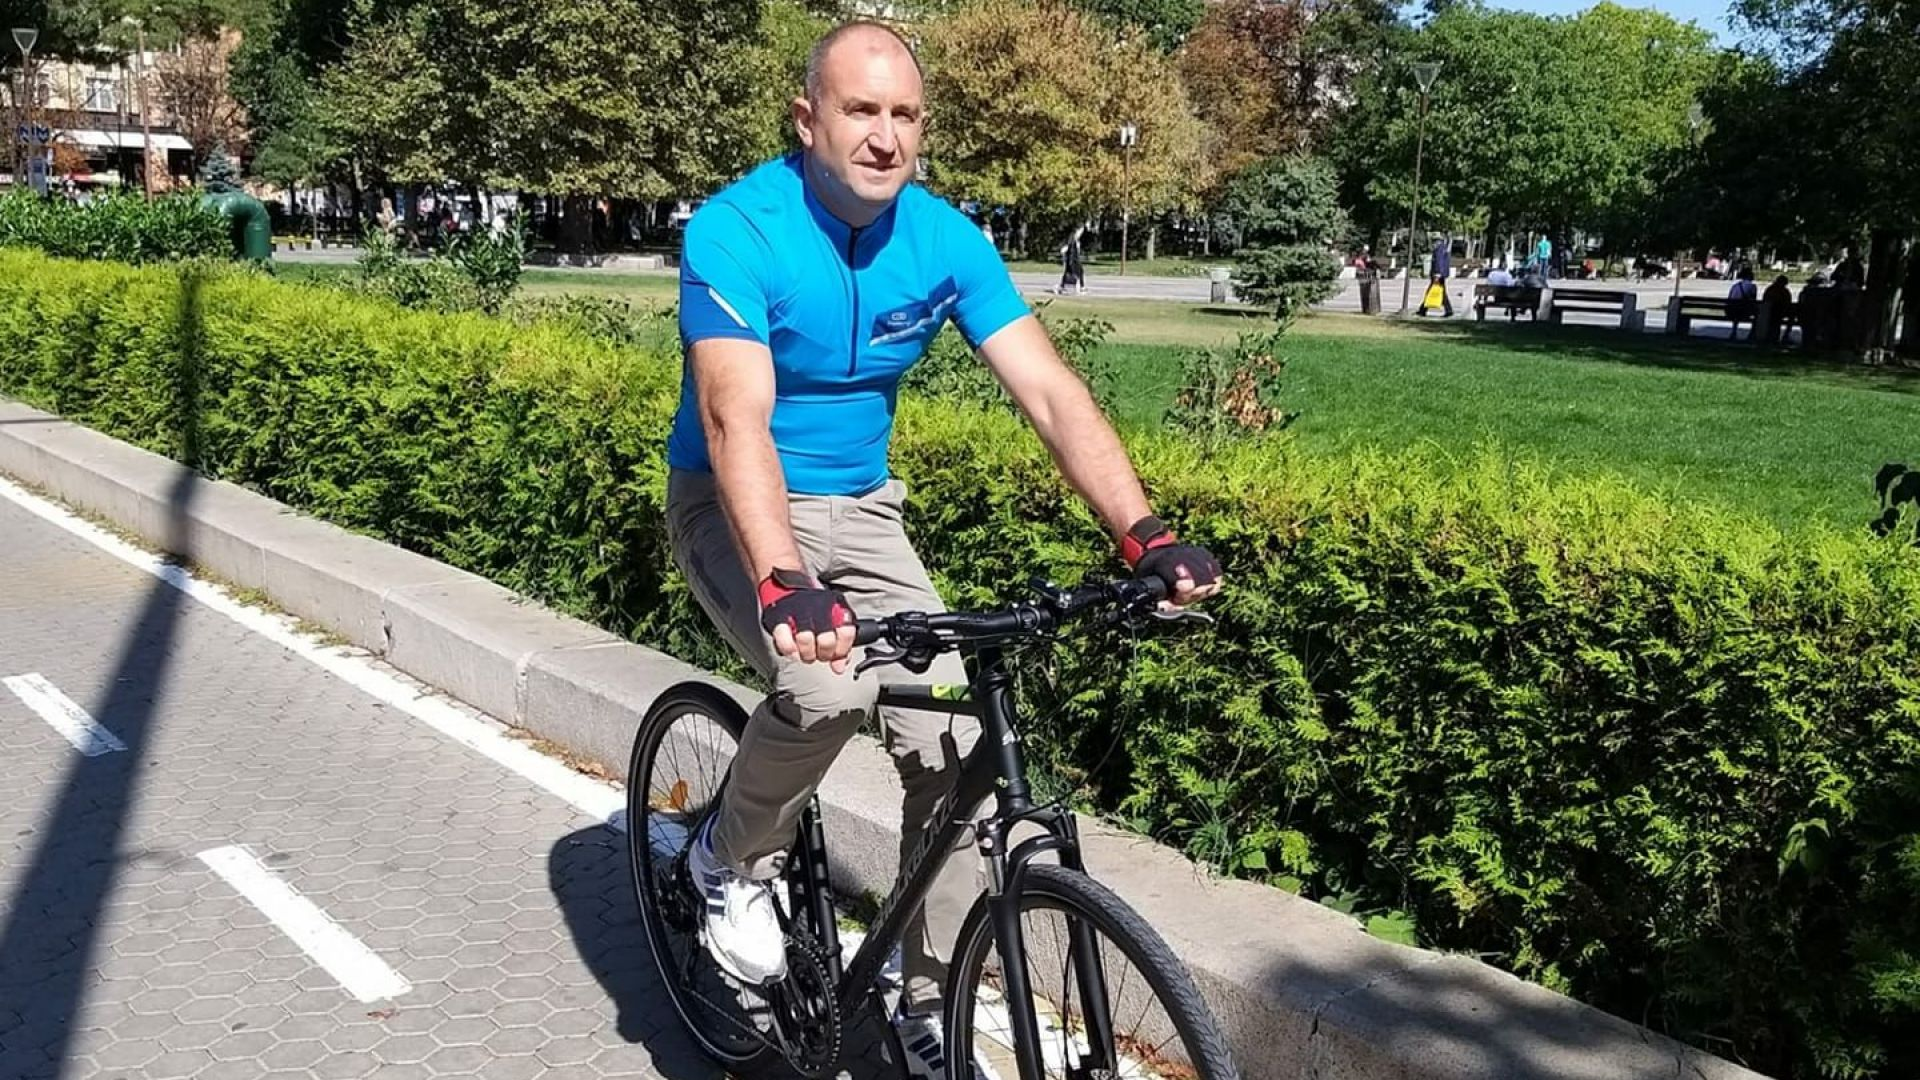 Държавният глава Румен Радев беше заснет да кара велосипед в